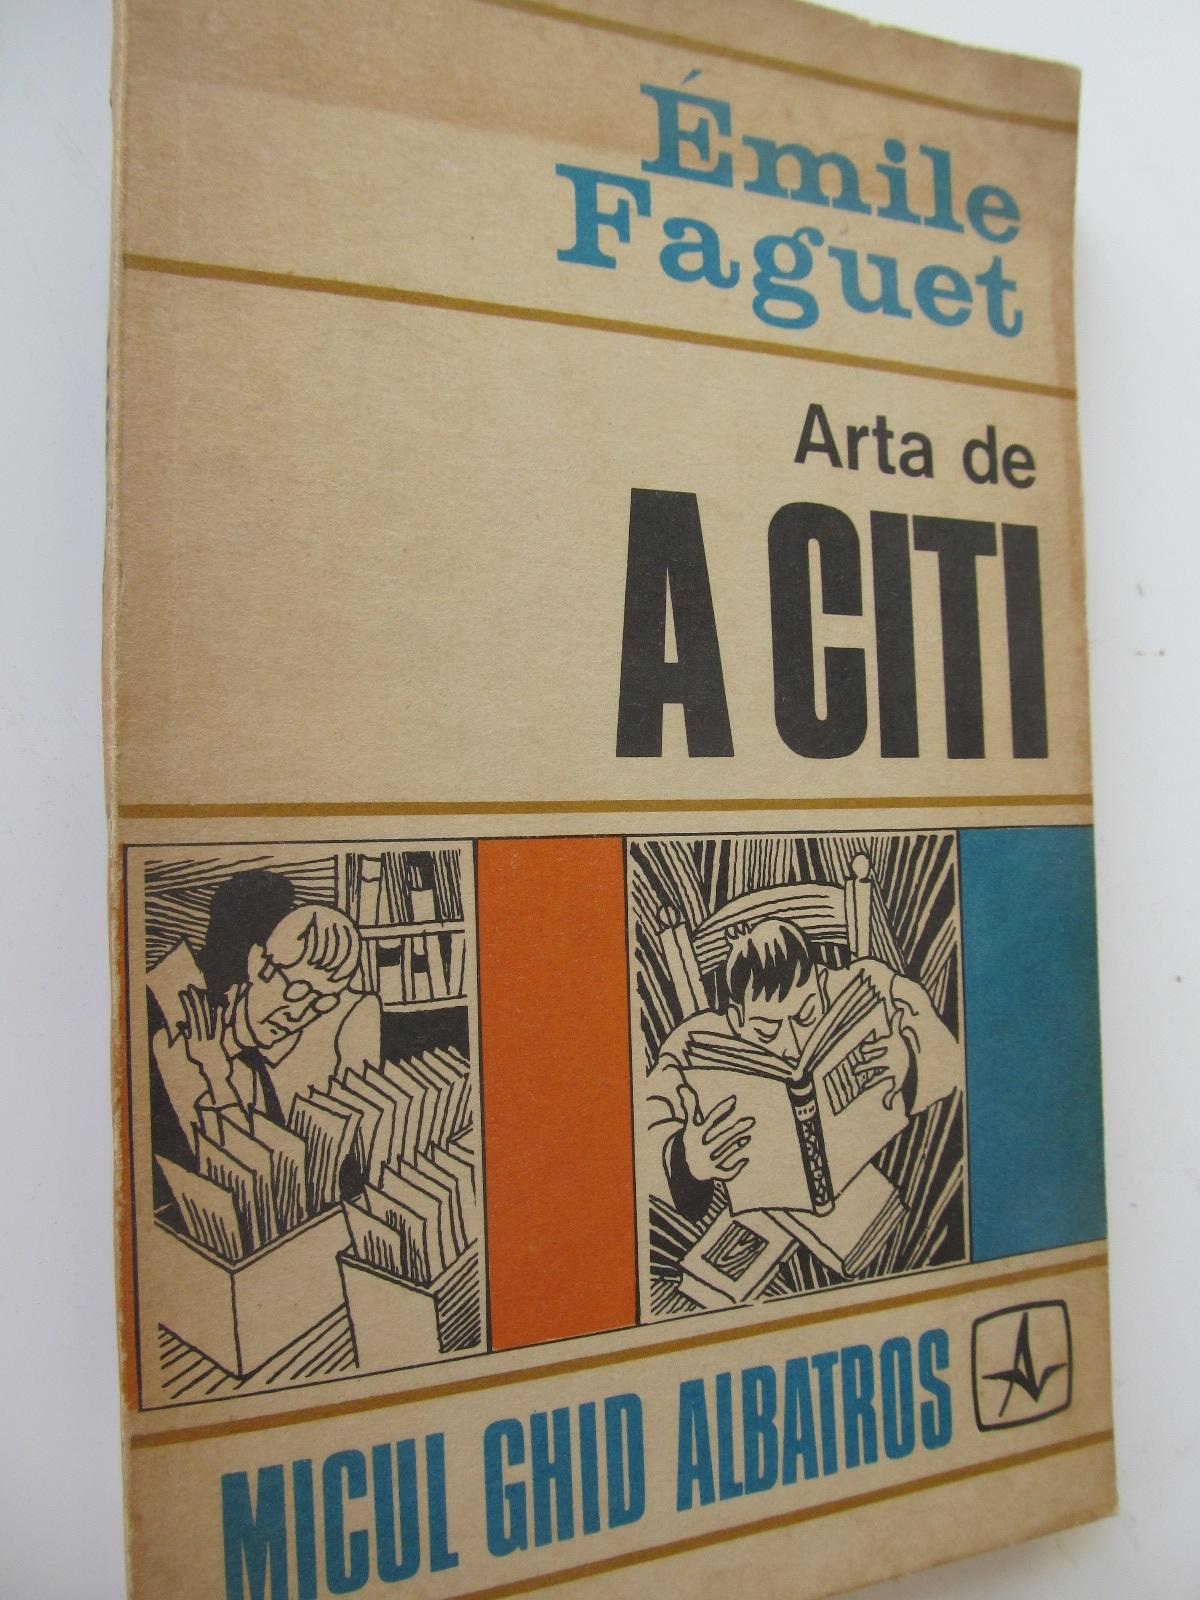 Carte Arta de a citi - Emile Faguet